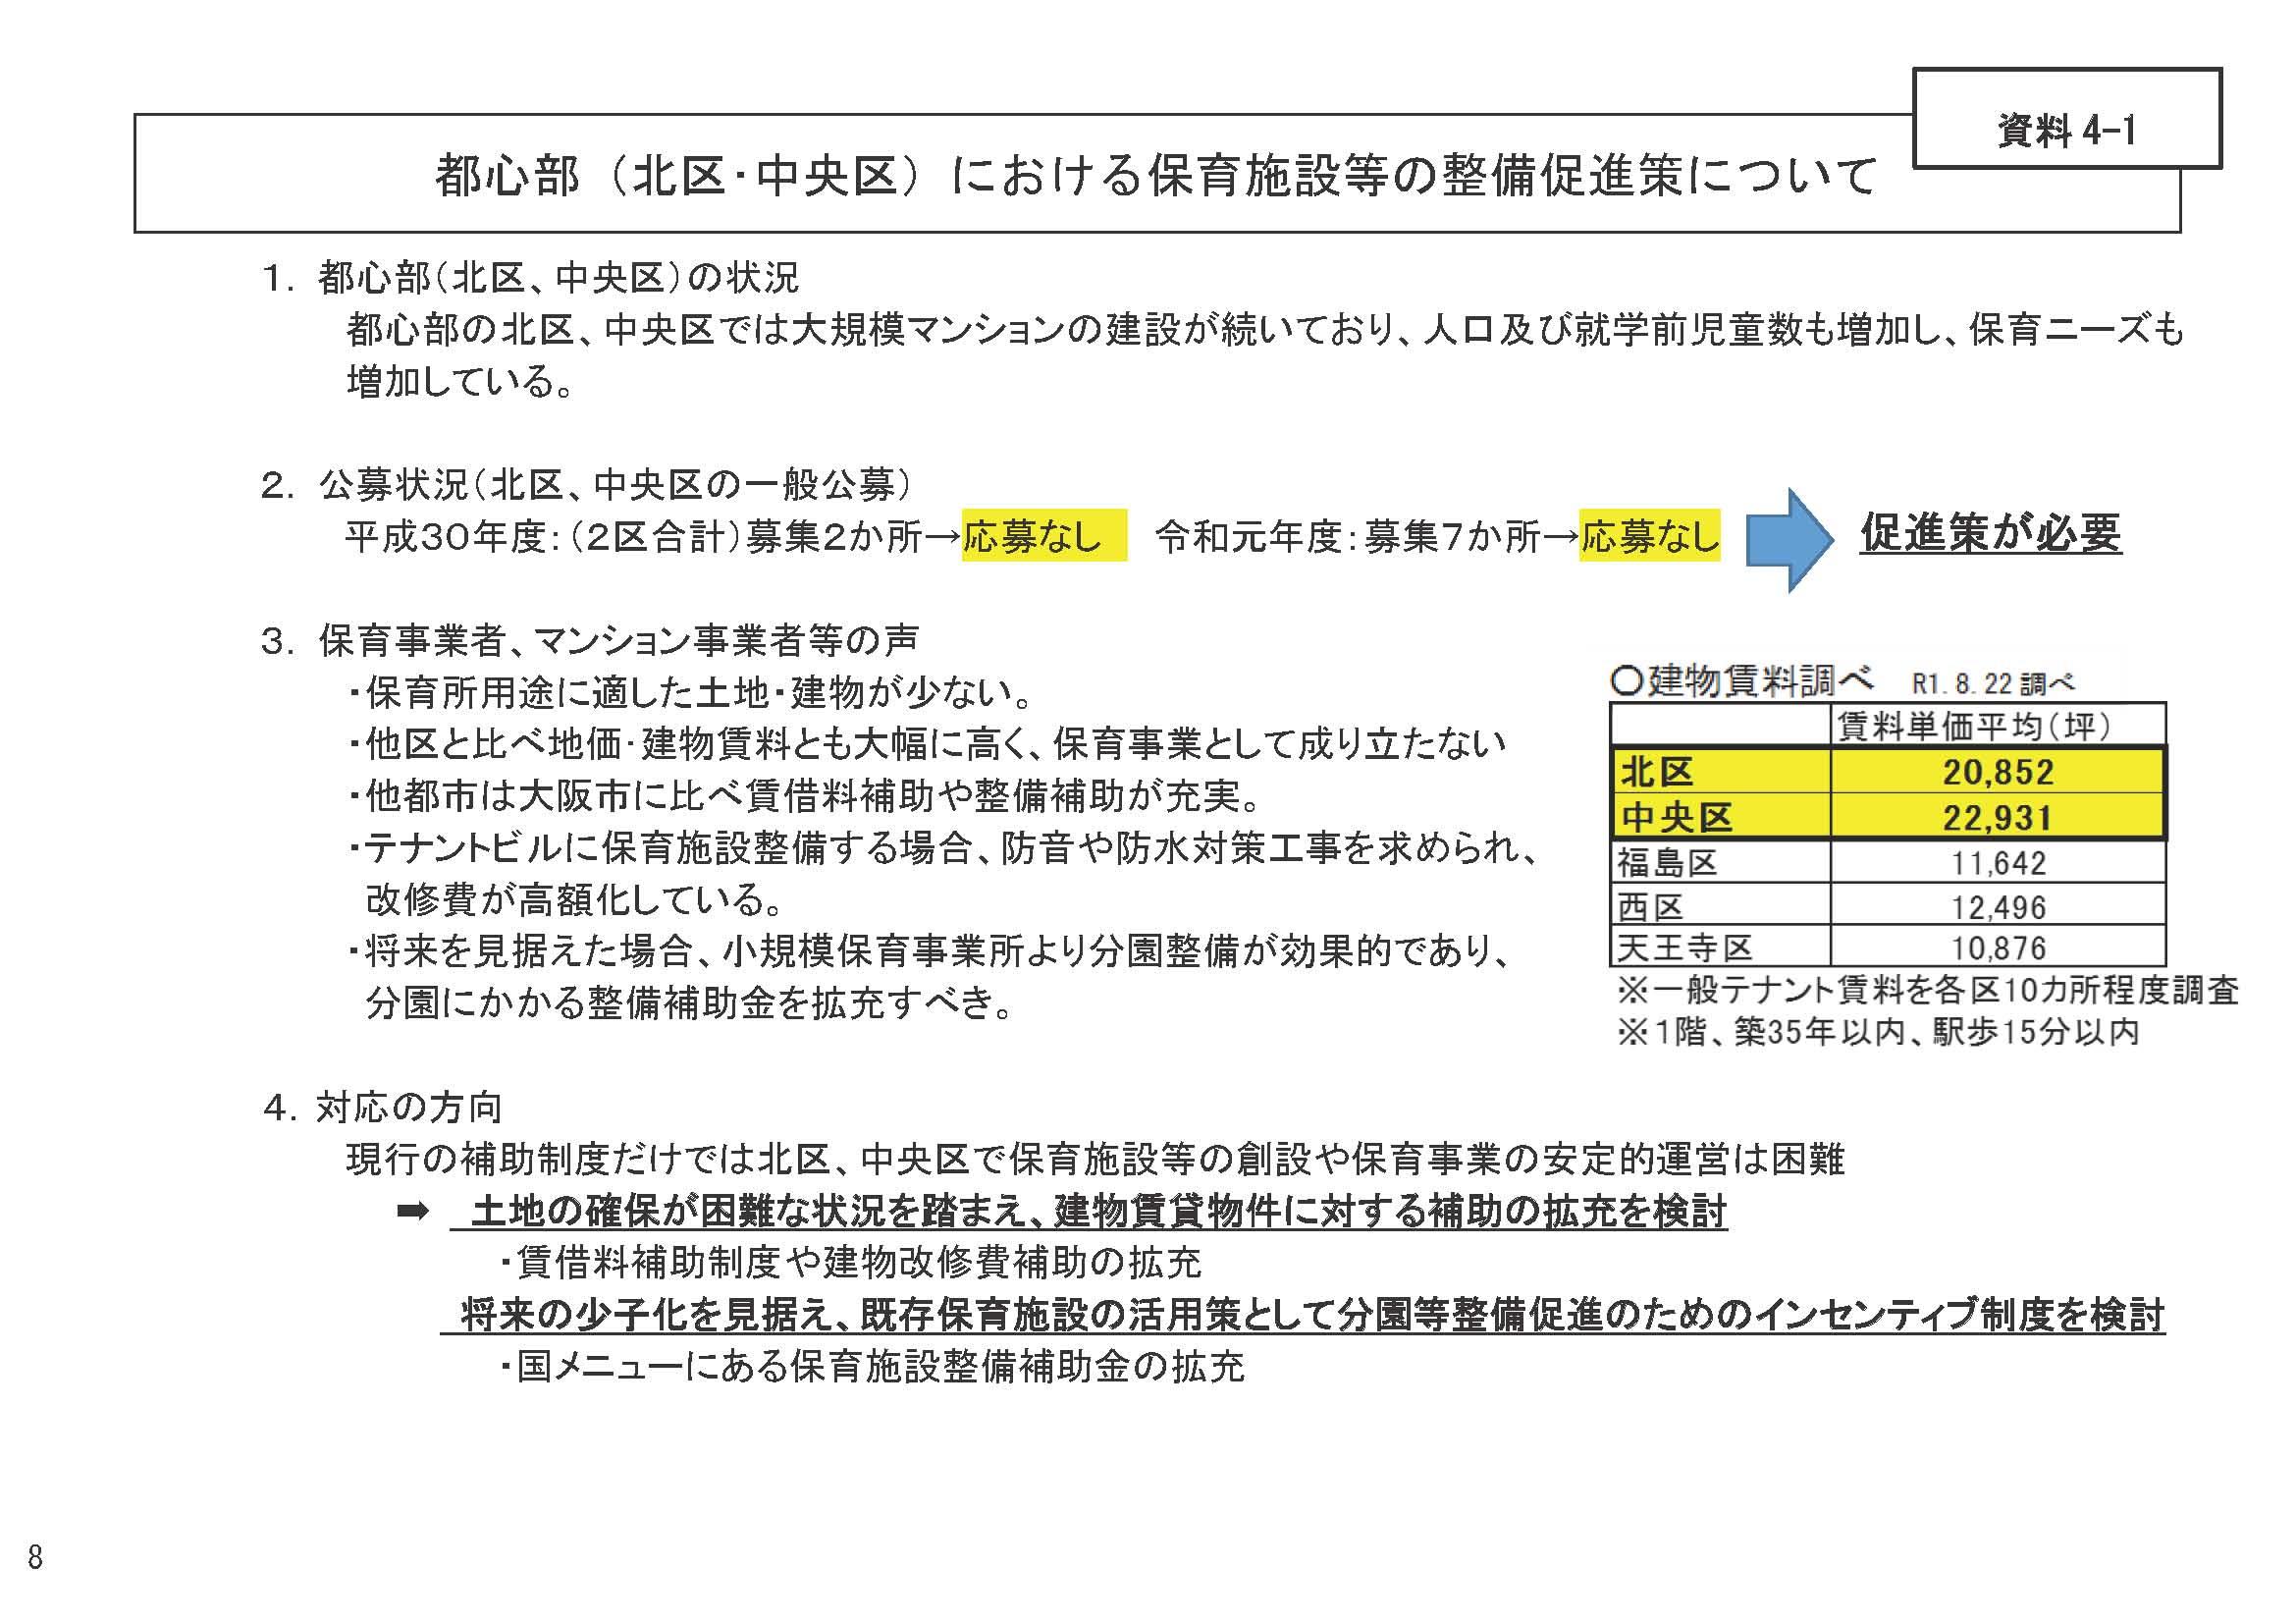 【朝日新聞より】タワマン増えたが保育所足りず 高賃料が壁、大阪市が補助策検討